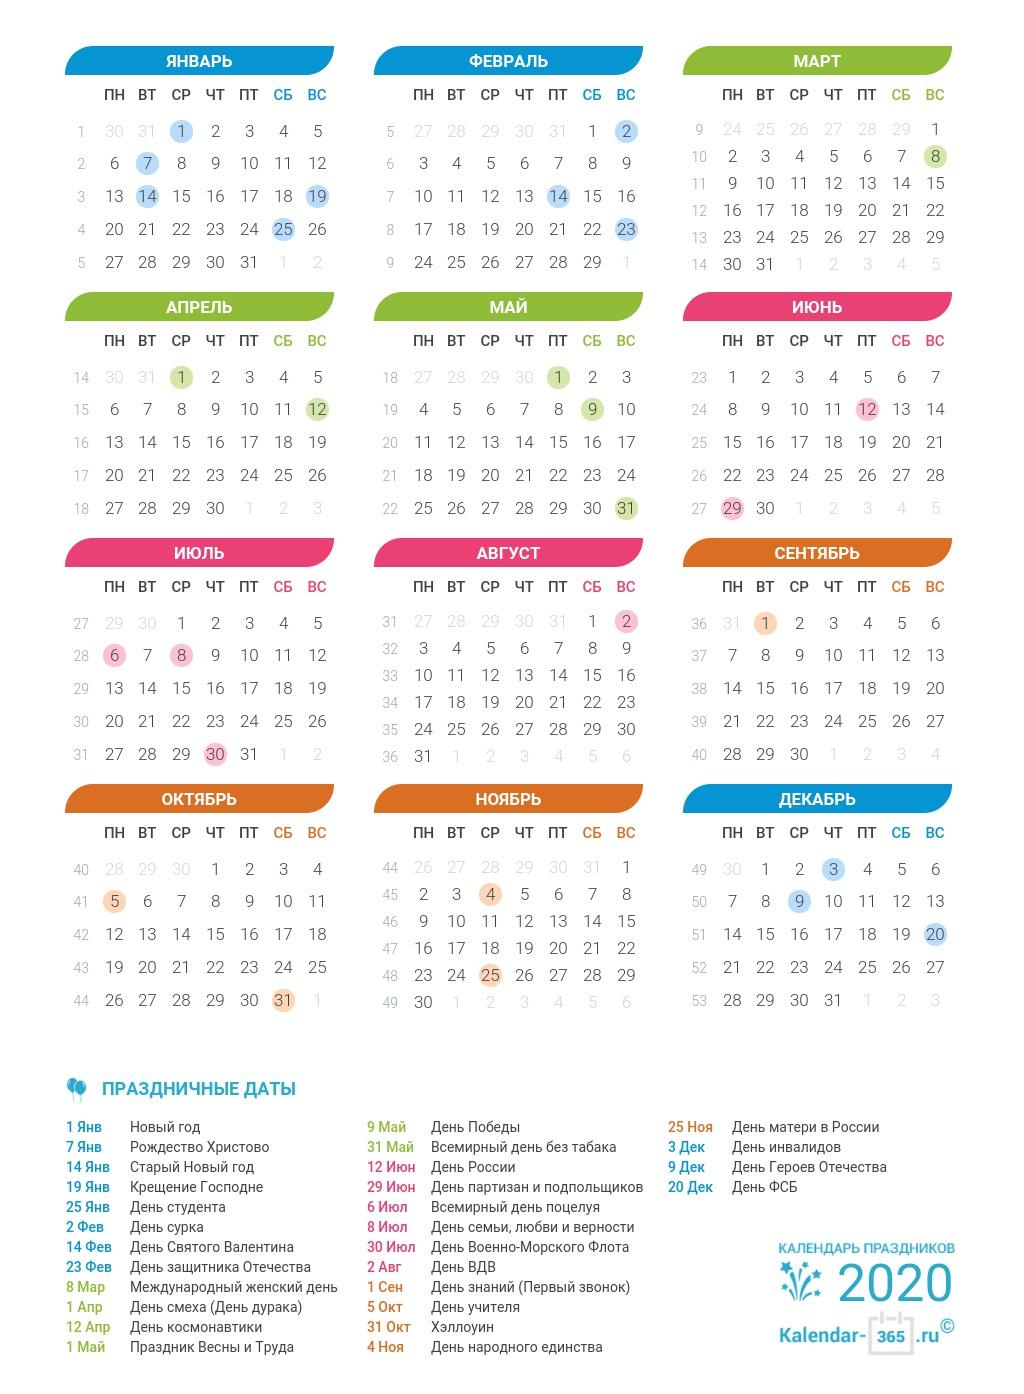 12 Мая: Все Праздники 12 Мая 2020 Года for Maya Calendar 2020